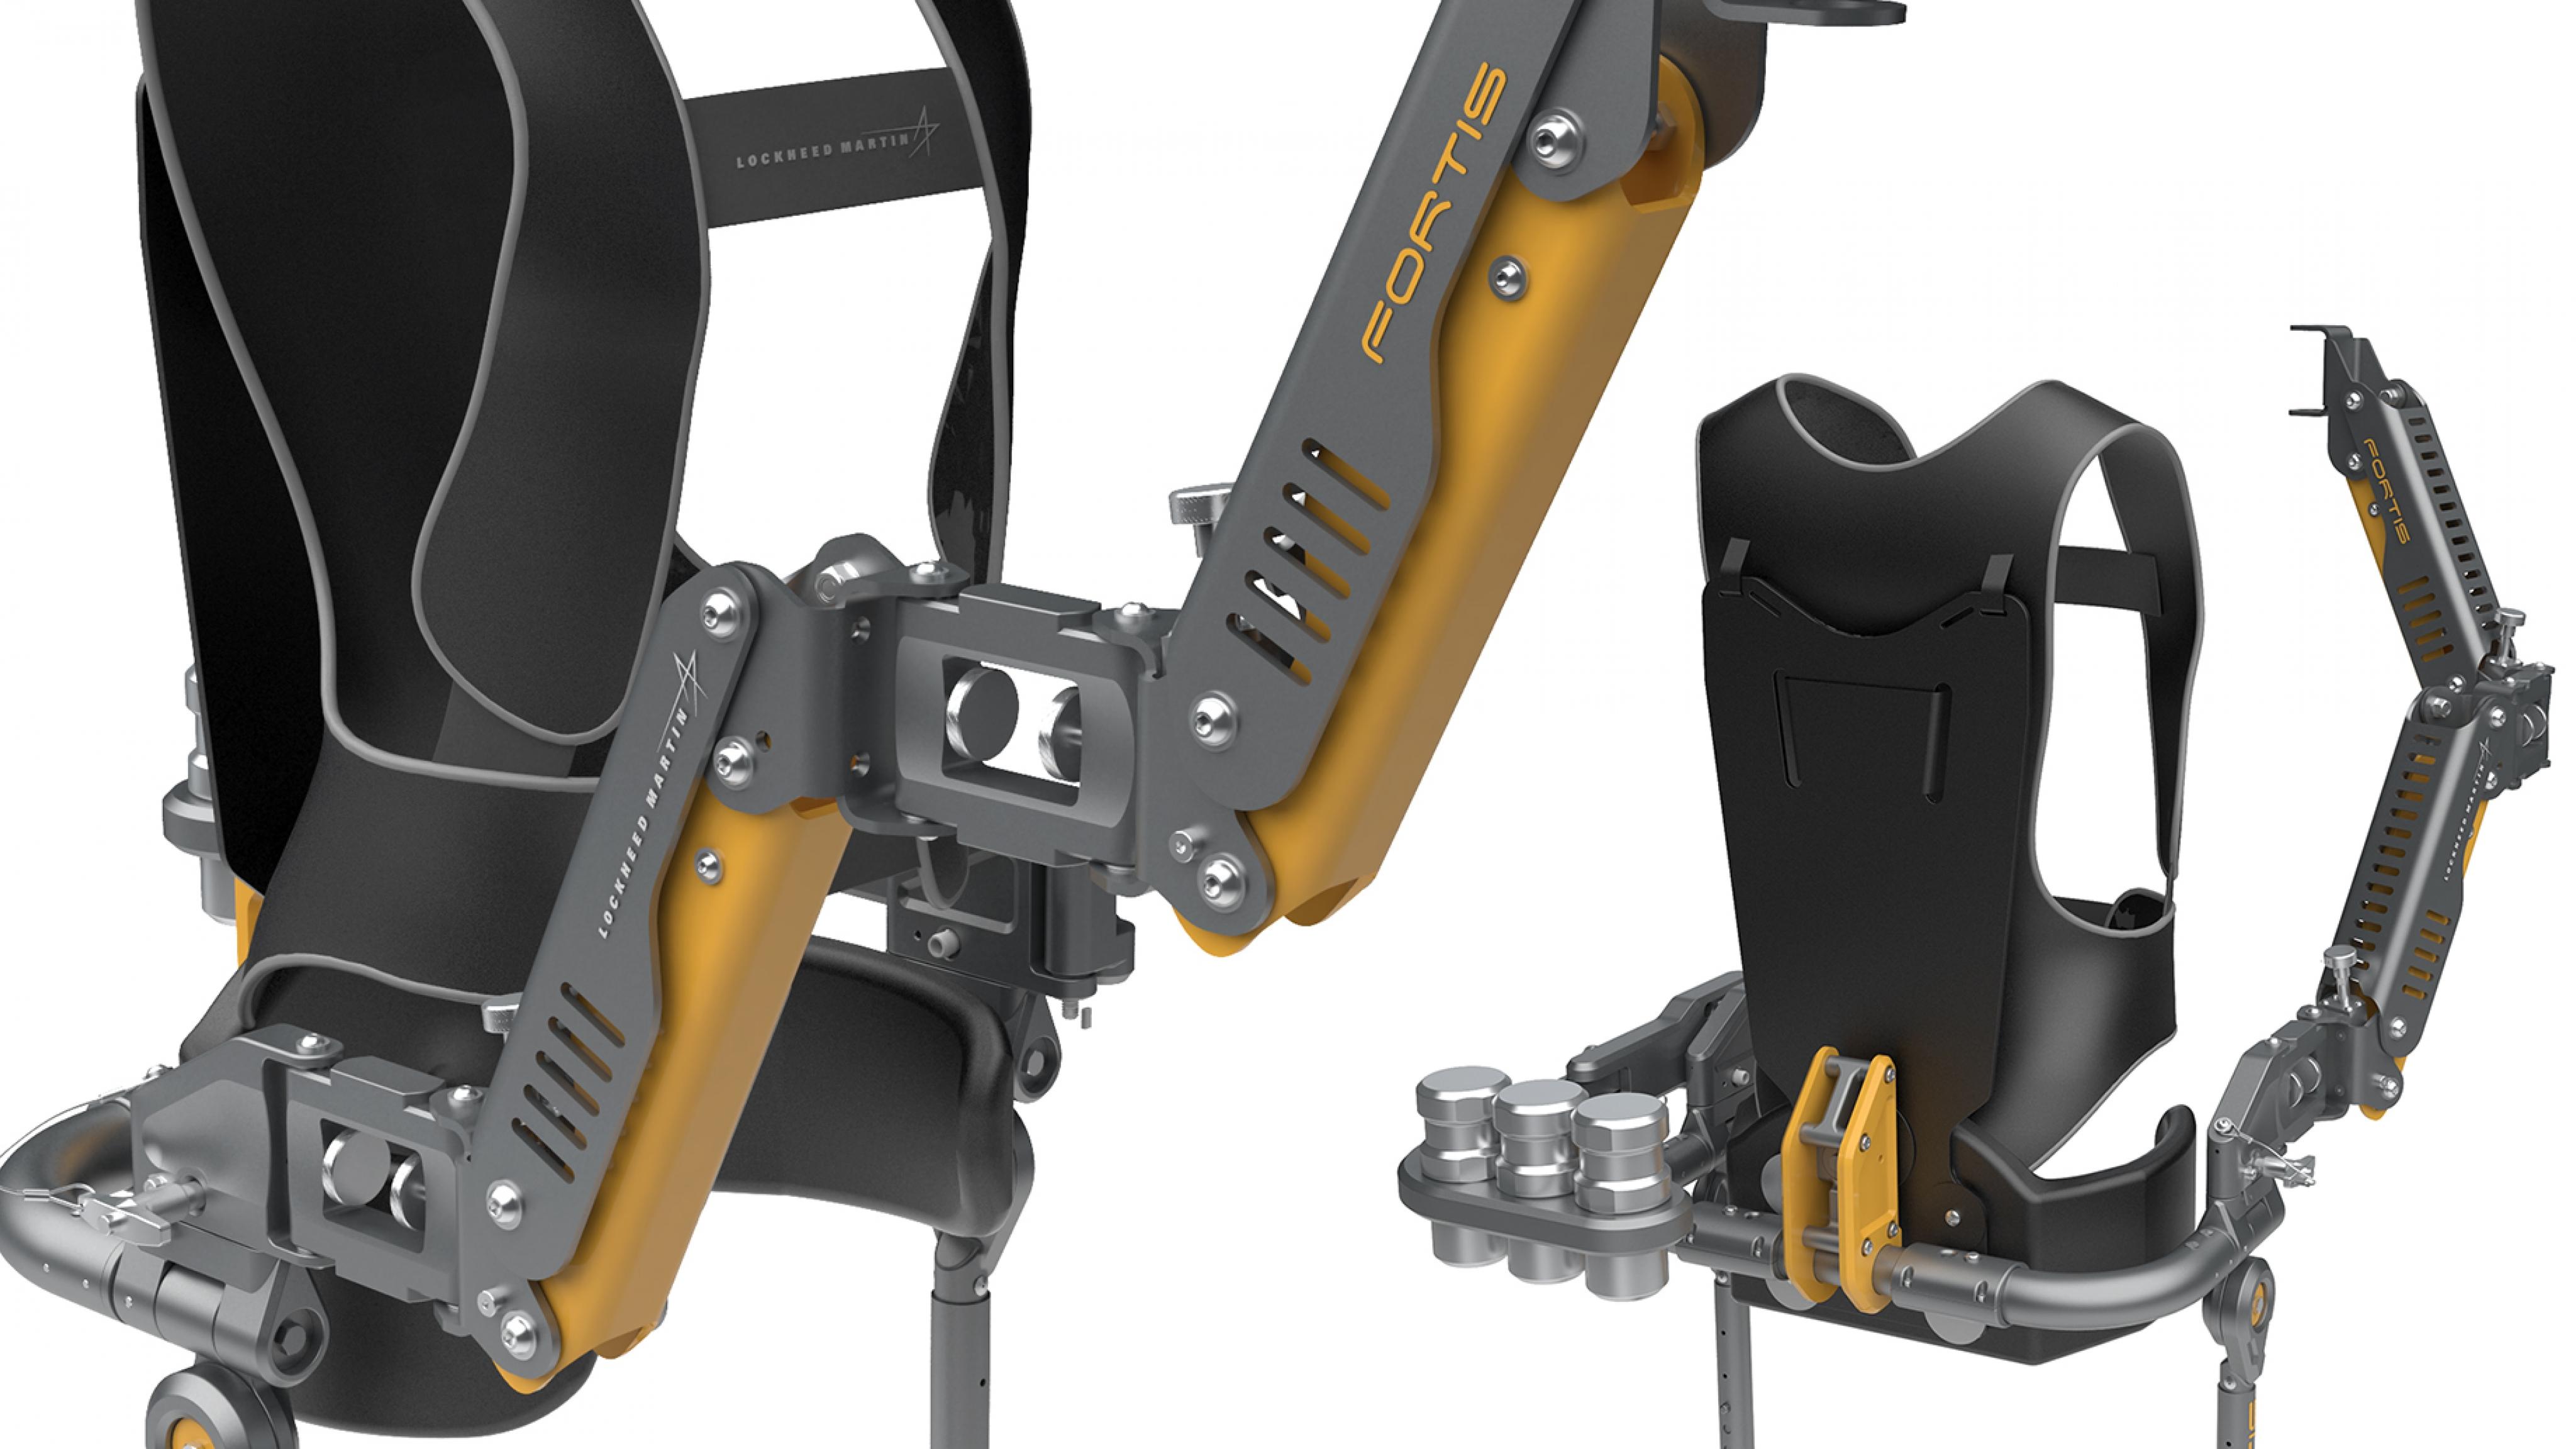 FORTIS Zero-G Arm | ROBRADY design